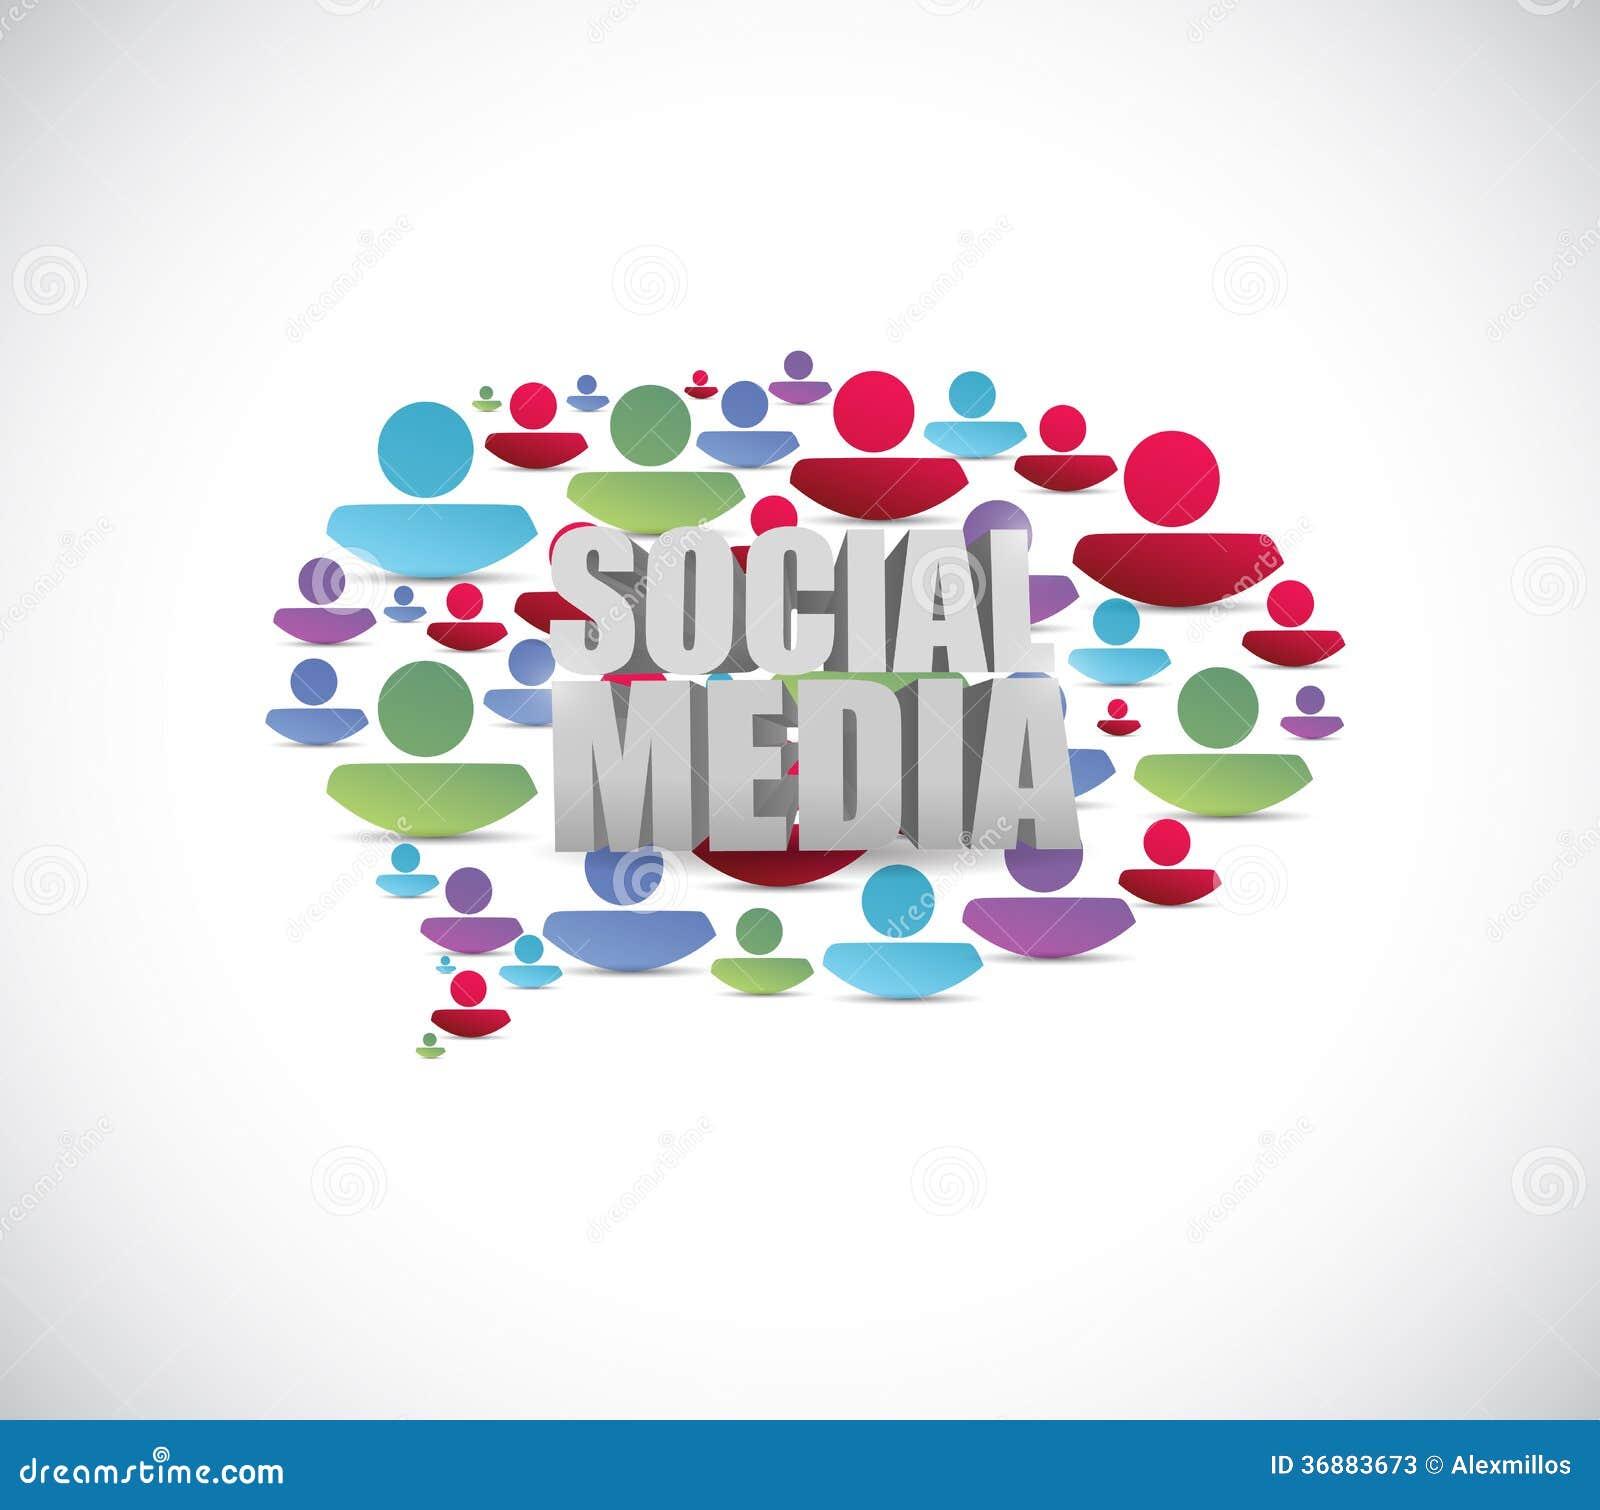 Download Fumetto Sociale Della Gente Di Media. Illustrazione Illustrazione di Stock - Illustrazione di chiacchierata, concettuale: 36883673